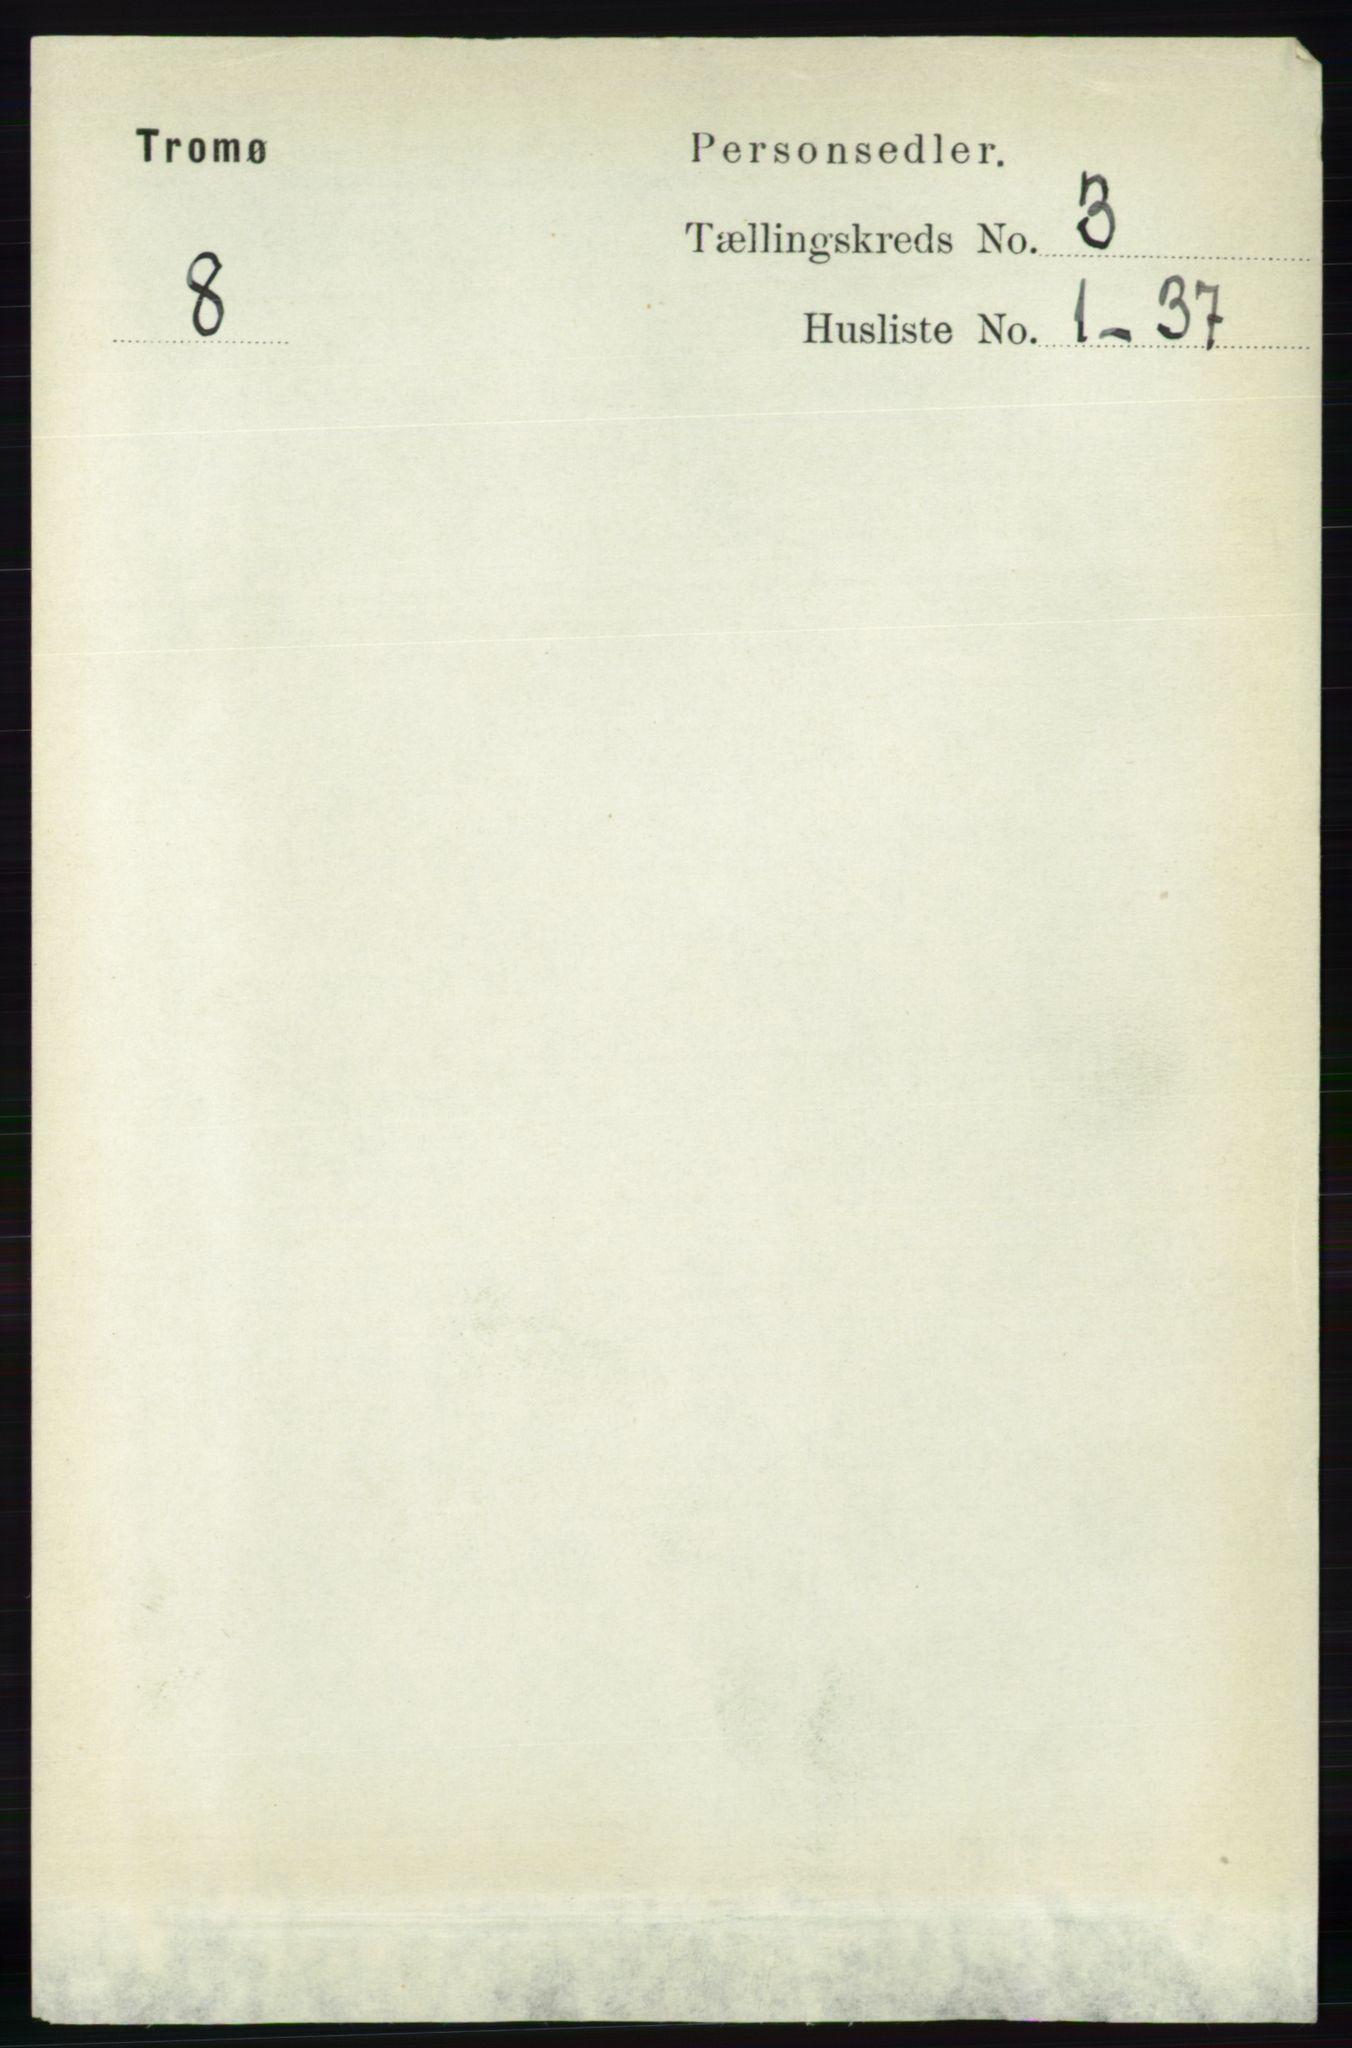 RA, Folketelling 1891 for 0921 Tromøy herred, 1891, s. 958